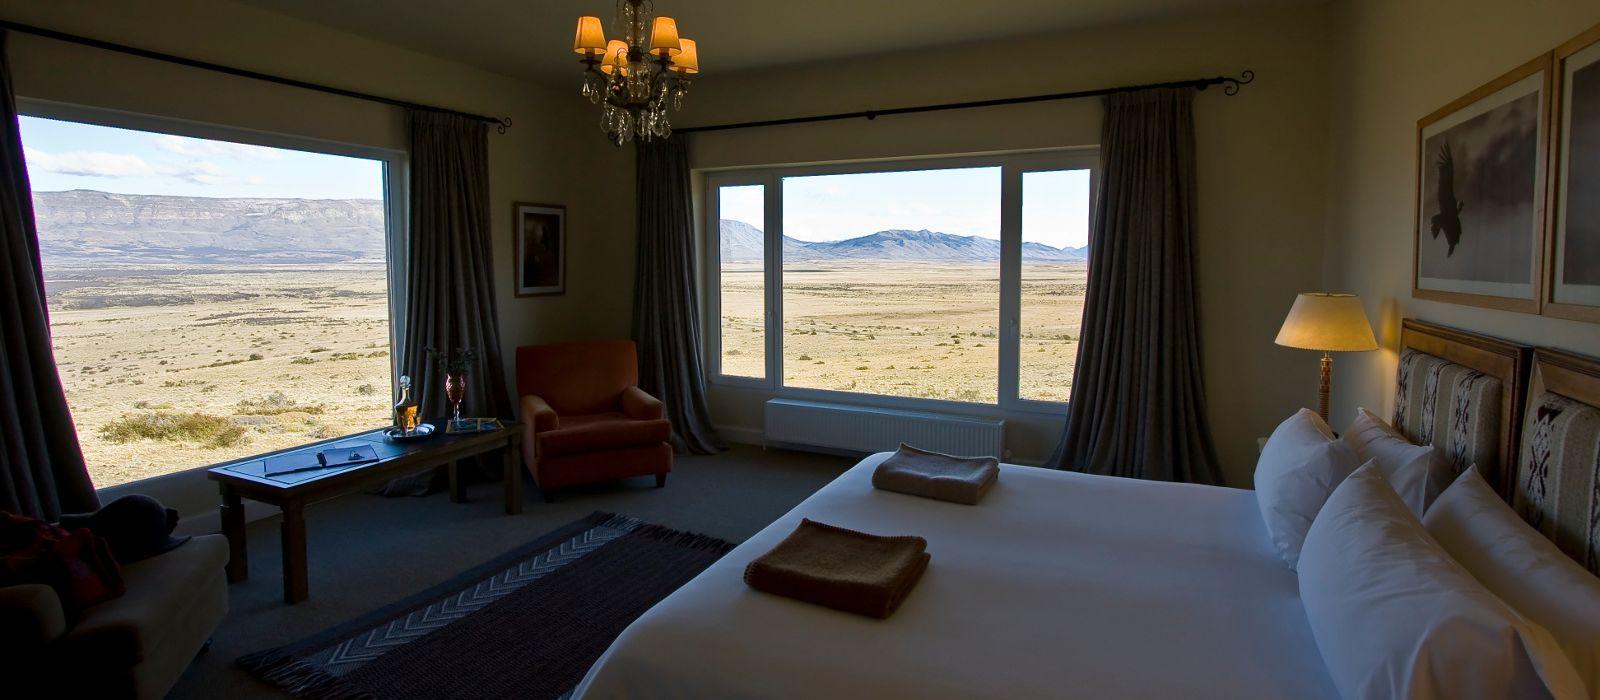 Hotel Eolo Argentinien